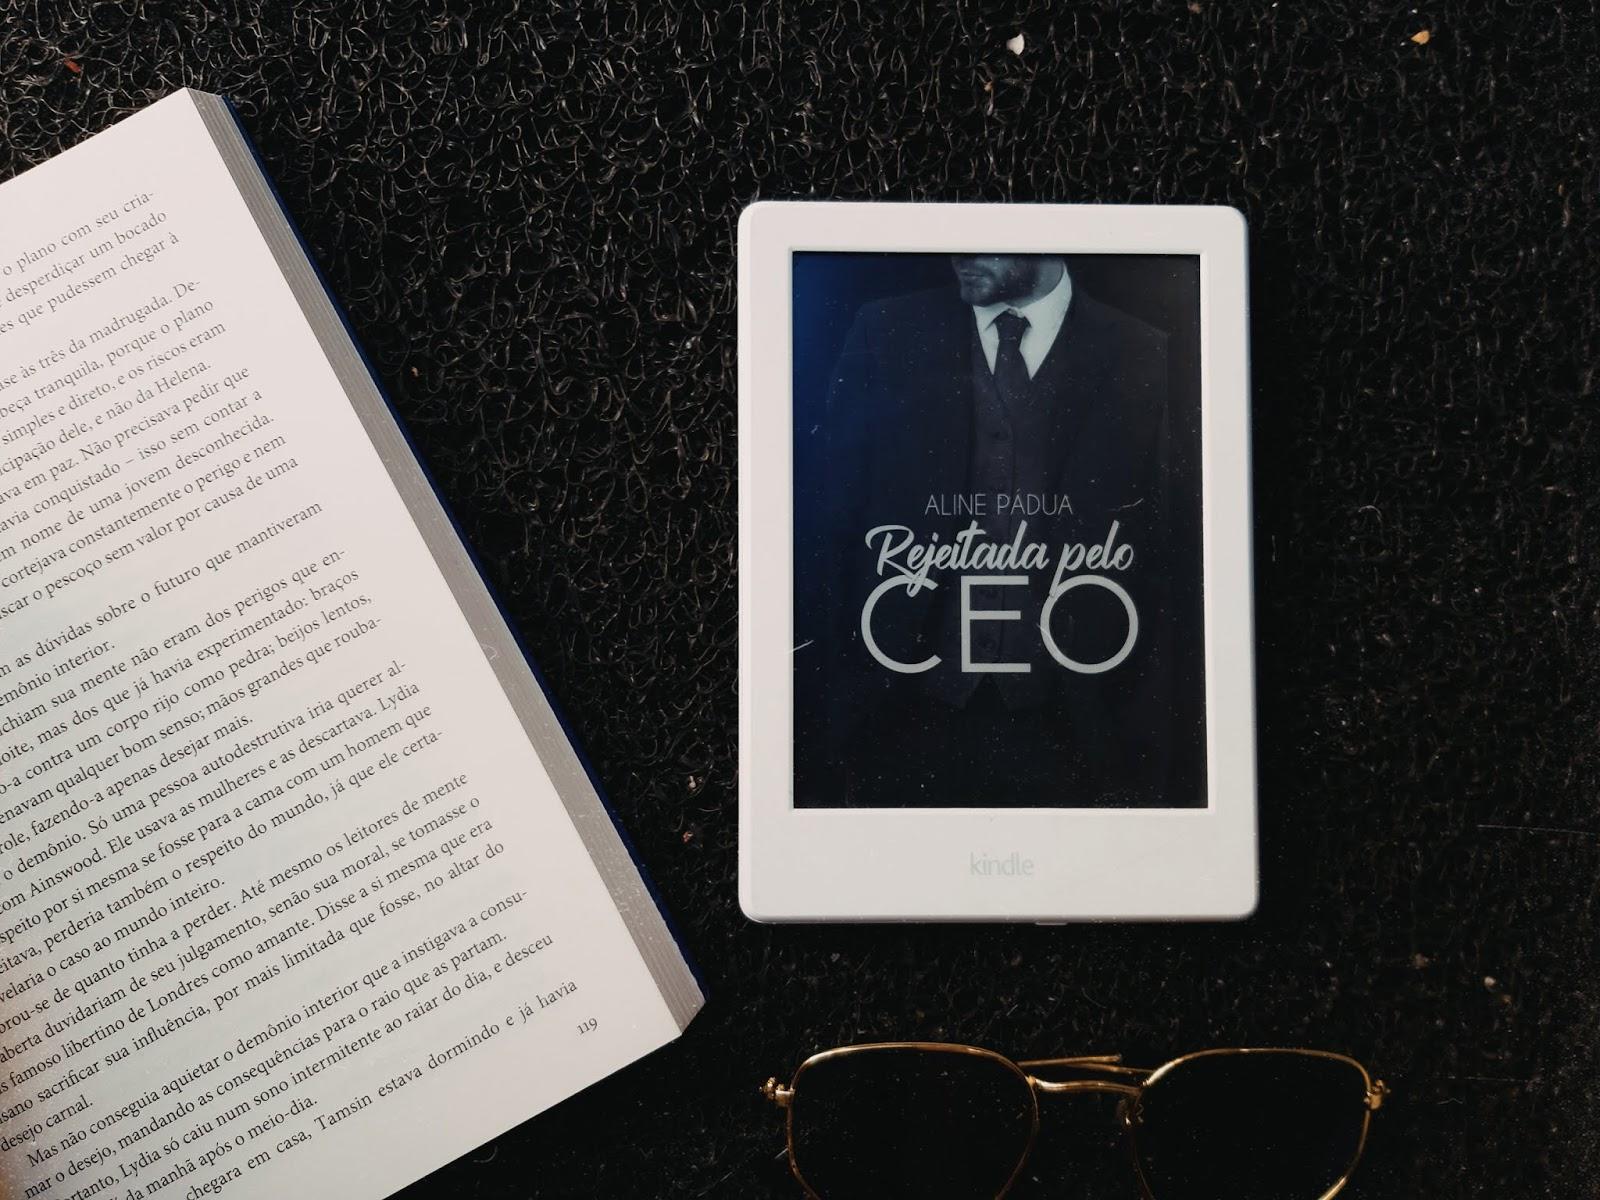 Rejeitada pelo CEO - Aline Pádua | Resenha